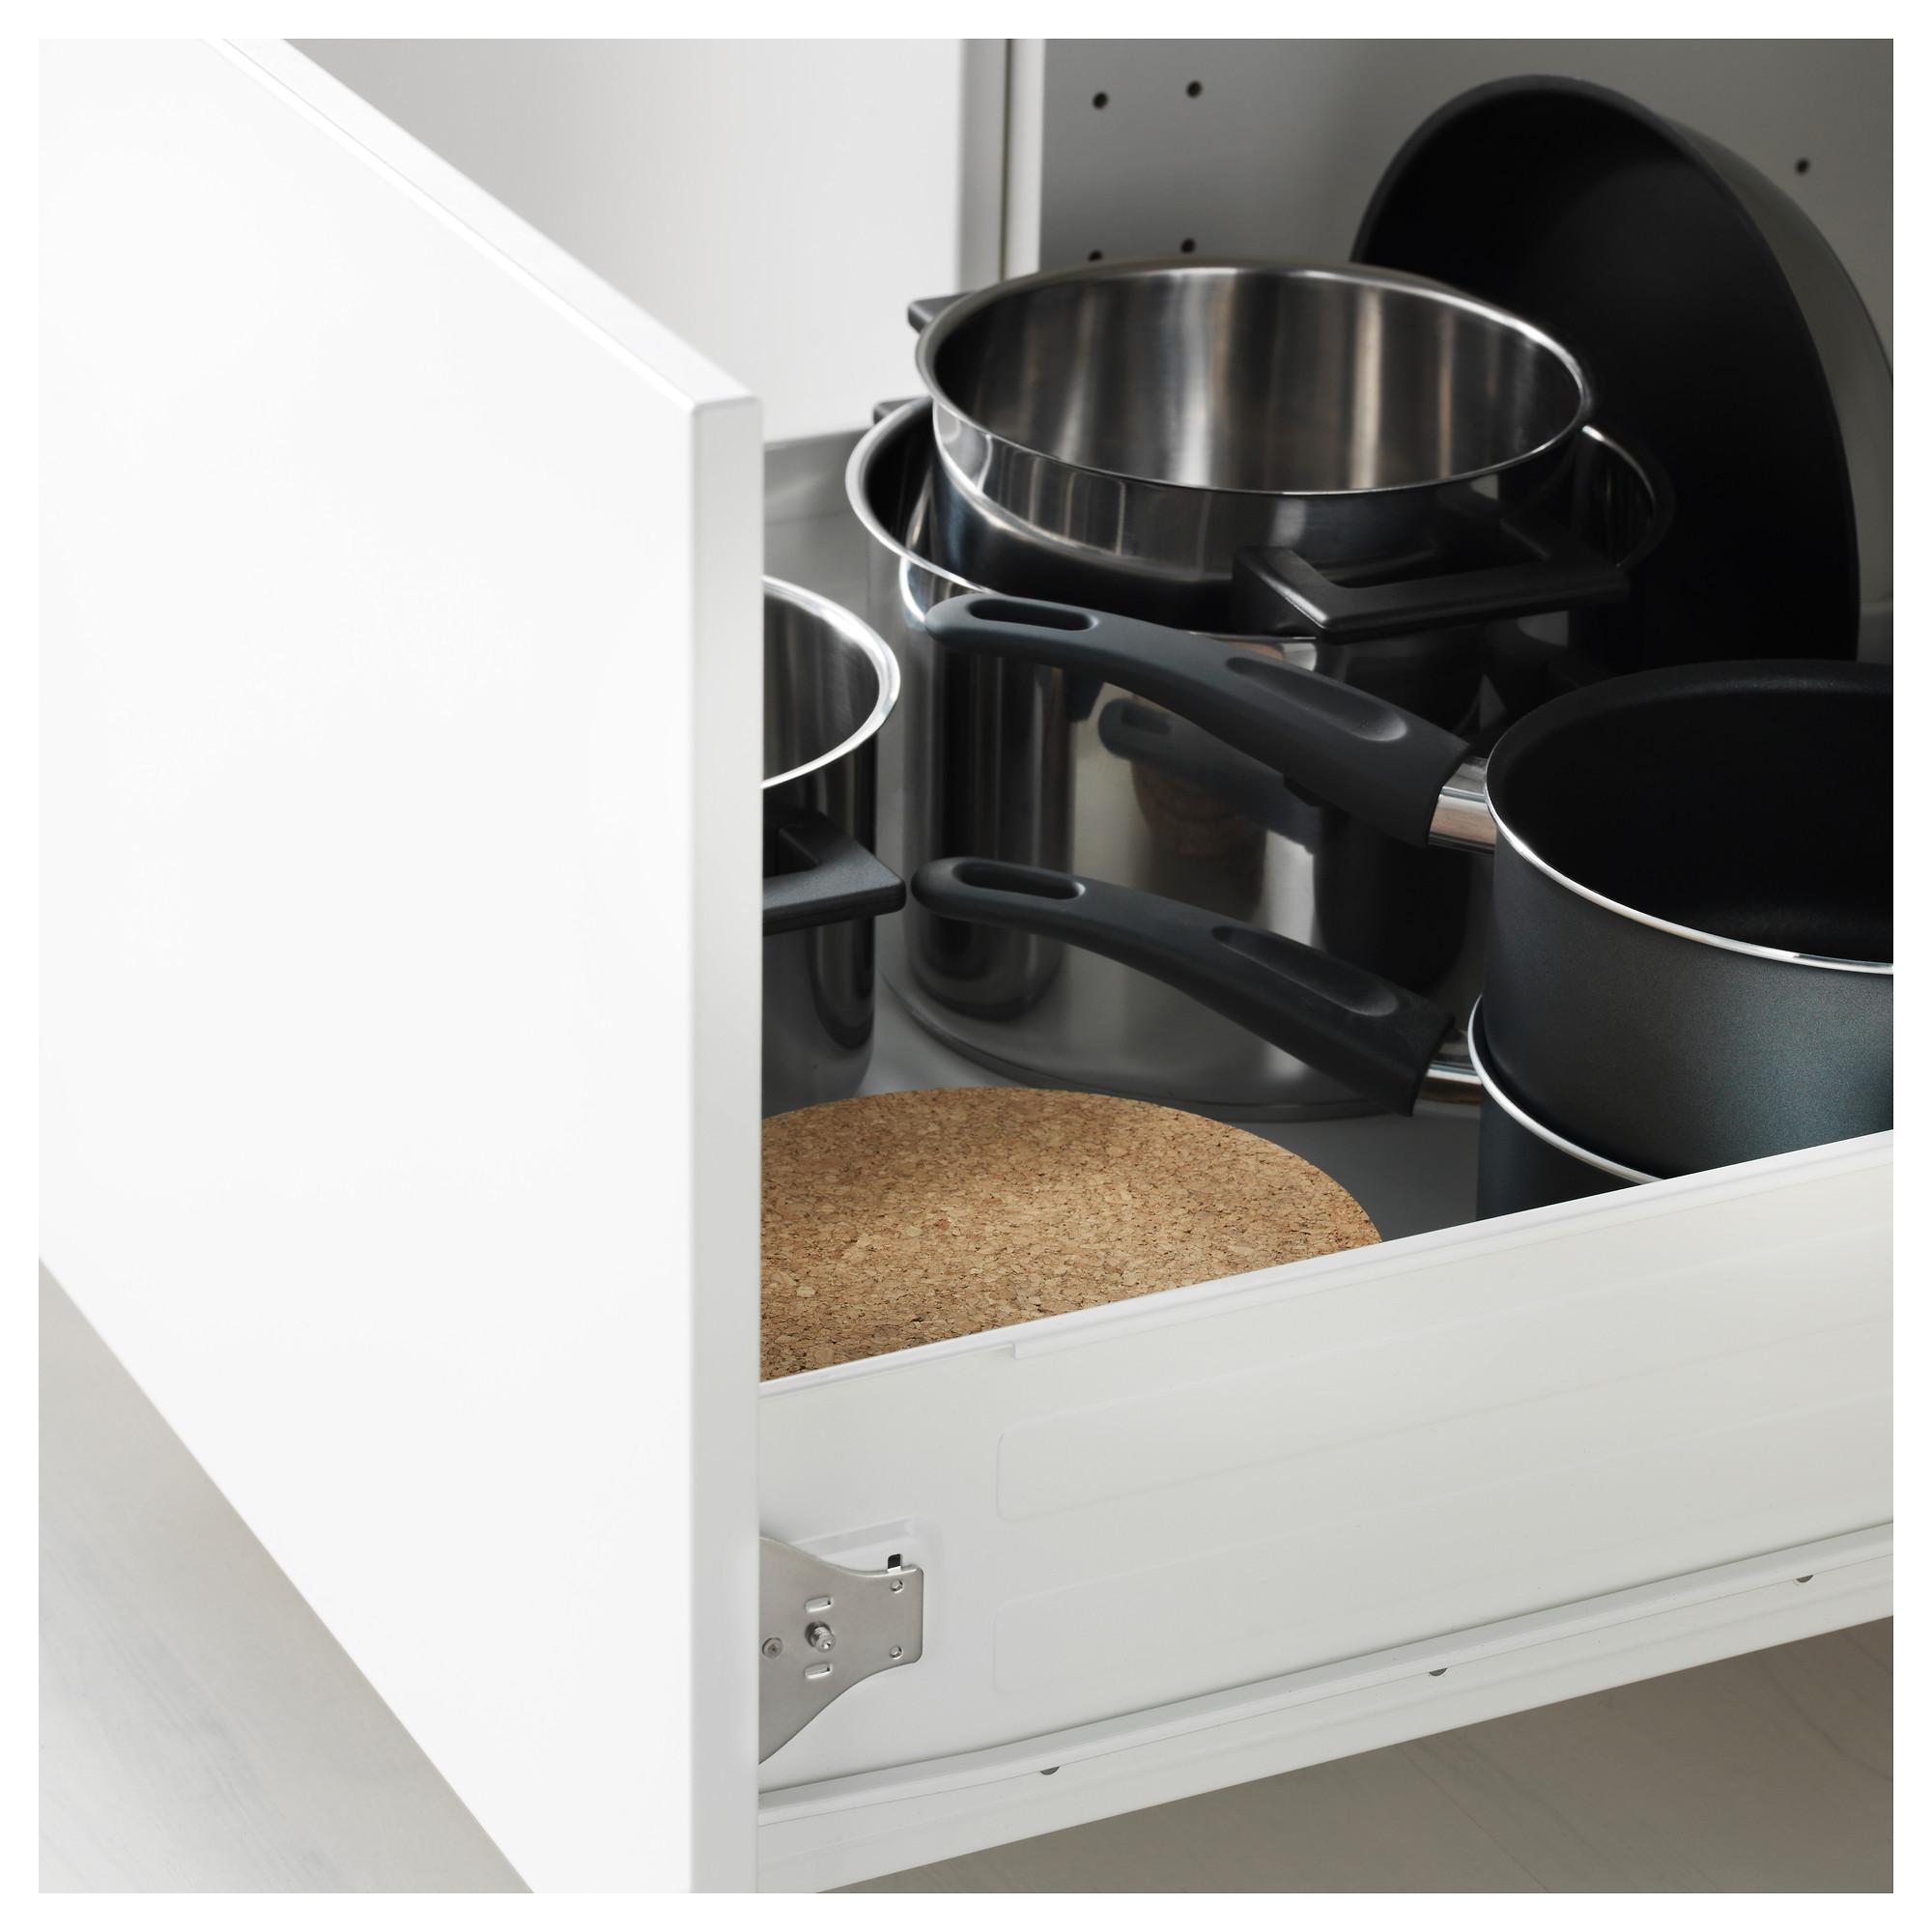 Высокий шкаф для духовки, дверца, 4 ящика МЕТОД / ФОРВАРА белый артикуль № 692.618.39 в наличии. Интернет каталог IKEA РБ. Быстрая доставка и соборка.